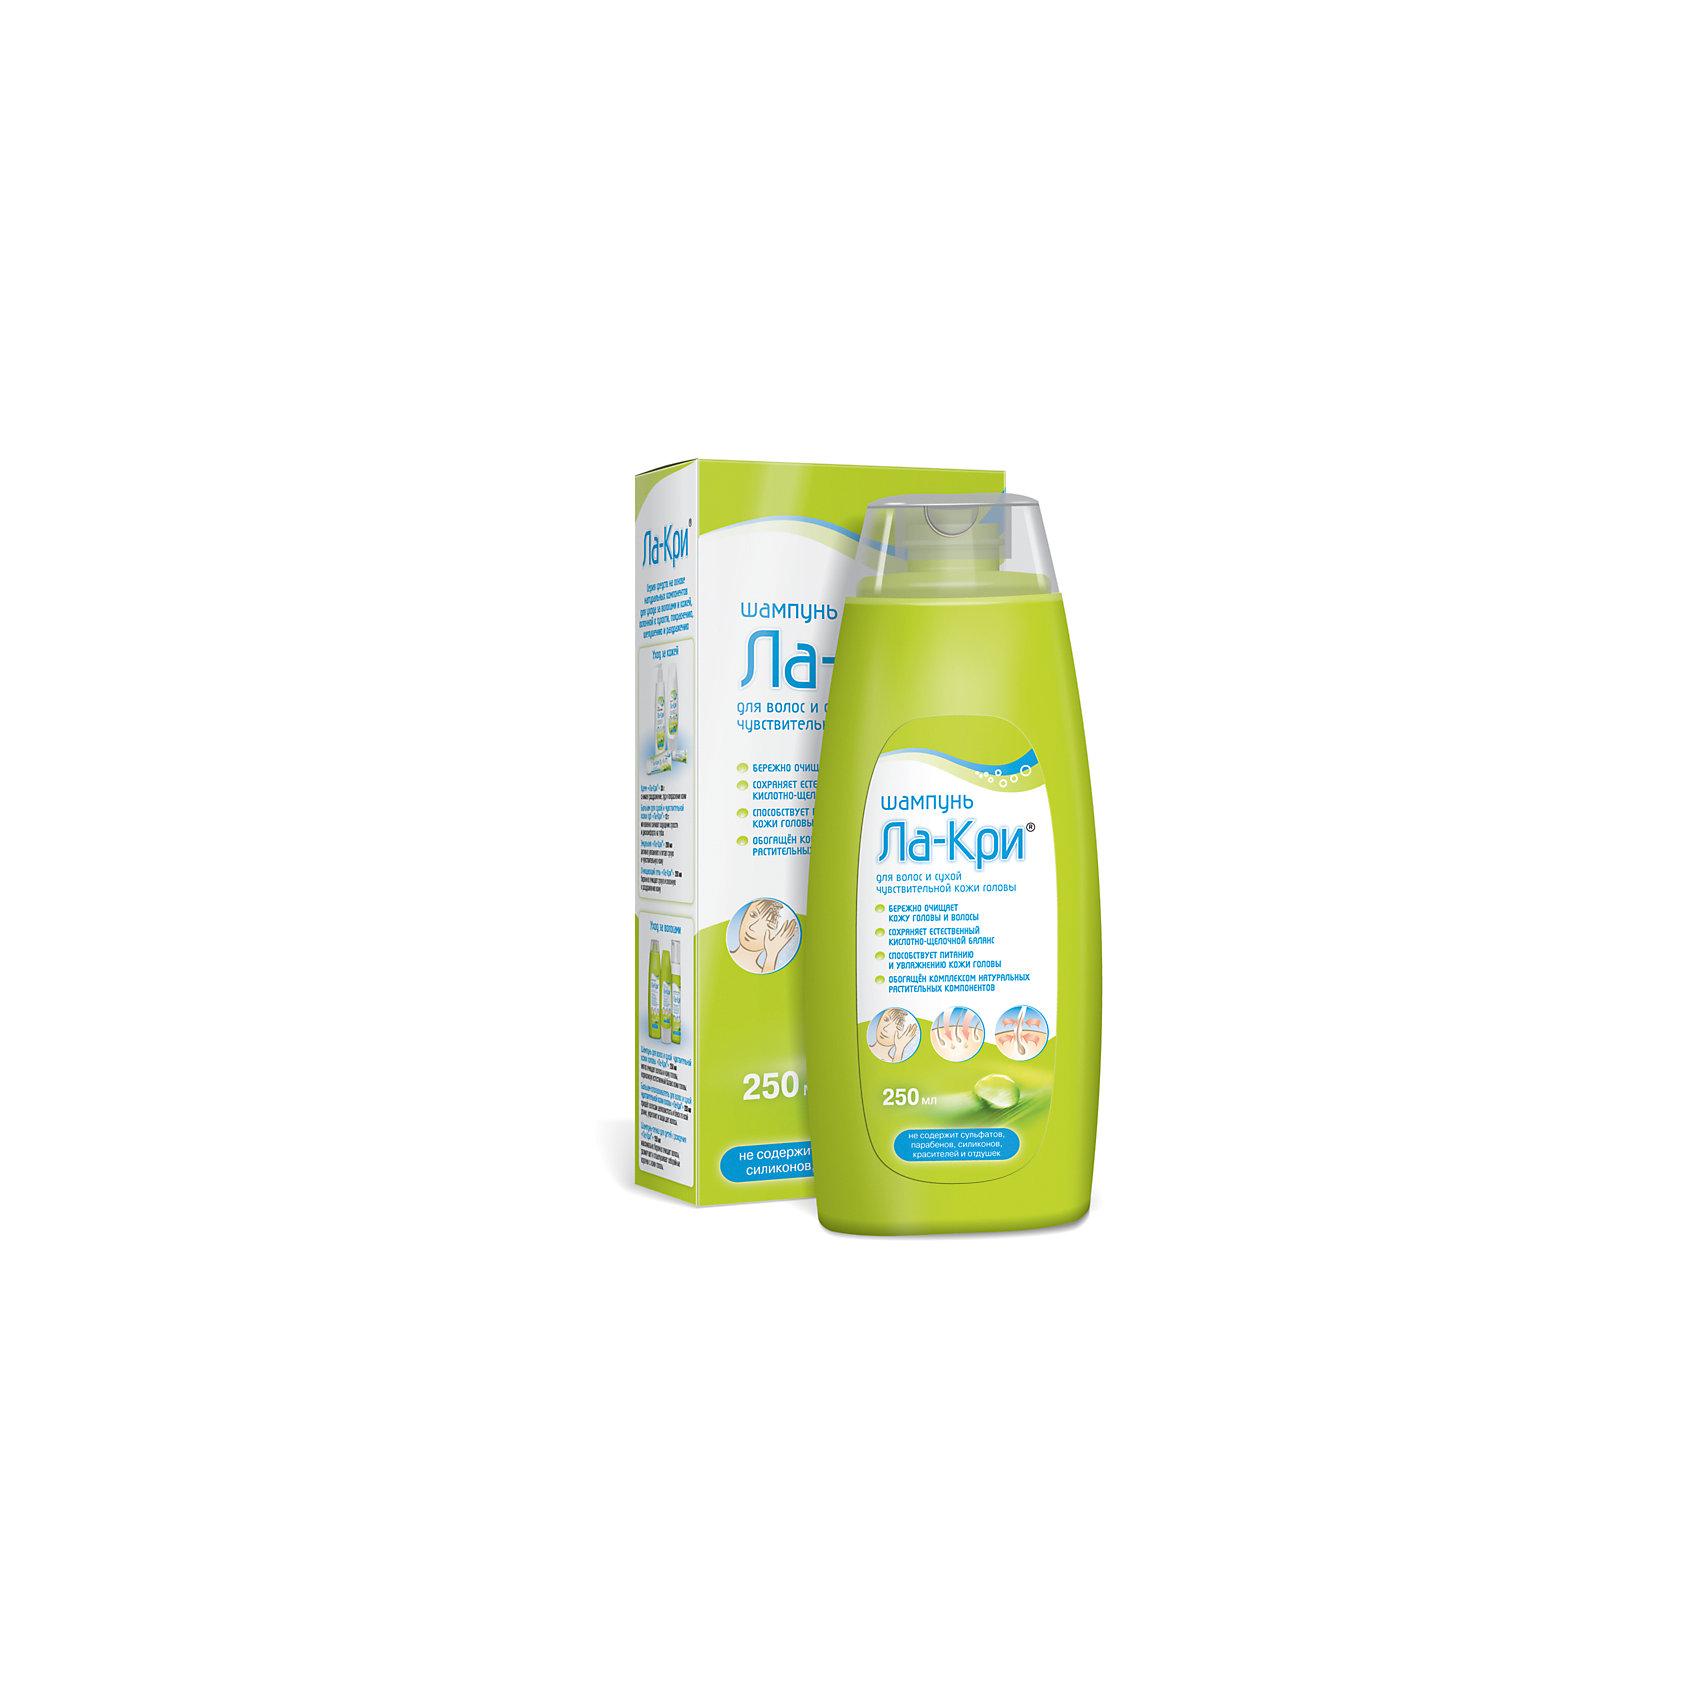 Шампунь для волос и чувстительной кожи головы 250 мл., ЛА-КРИ (Ла-Кри)